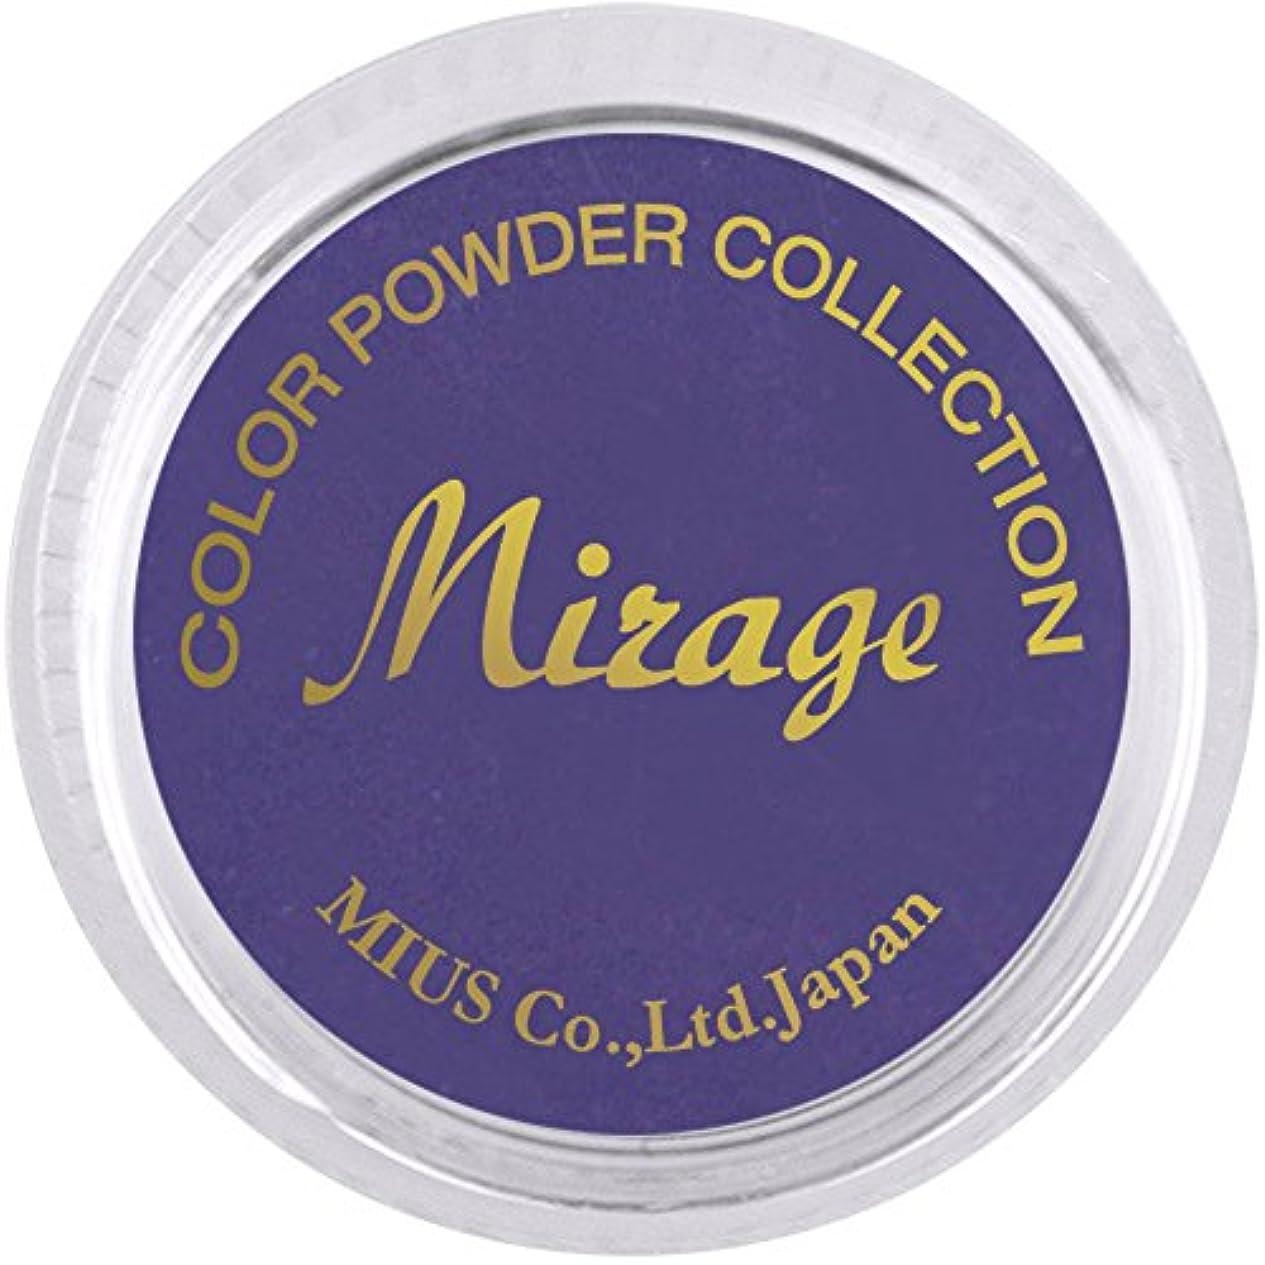 ミリメートル勘違いする貢献するミラージュ カラーパウダー N/NDS-8  7g  アクリルパウダー ダークなスタンダードカラー